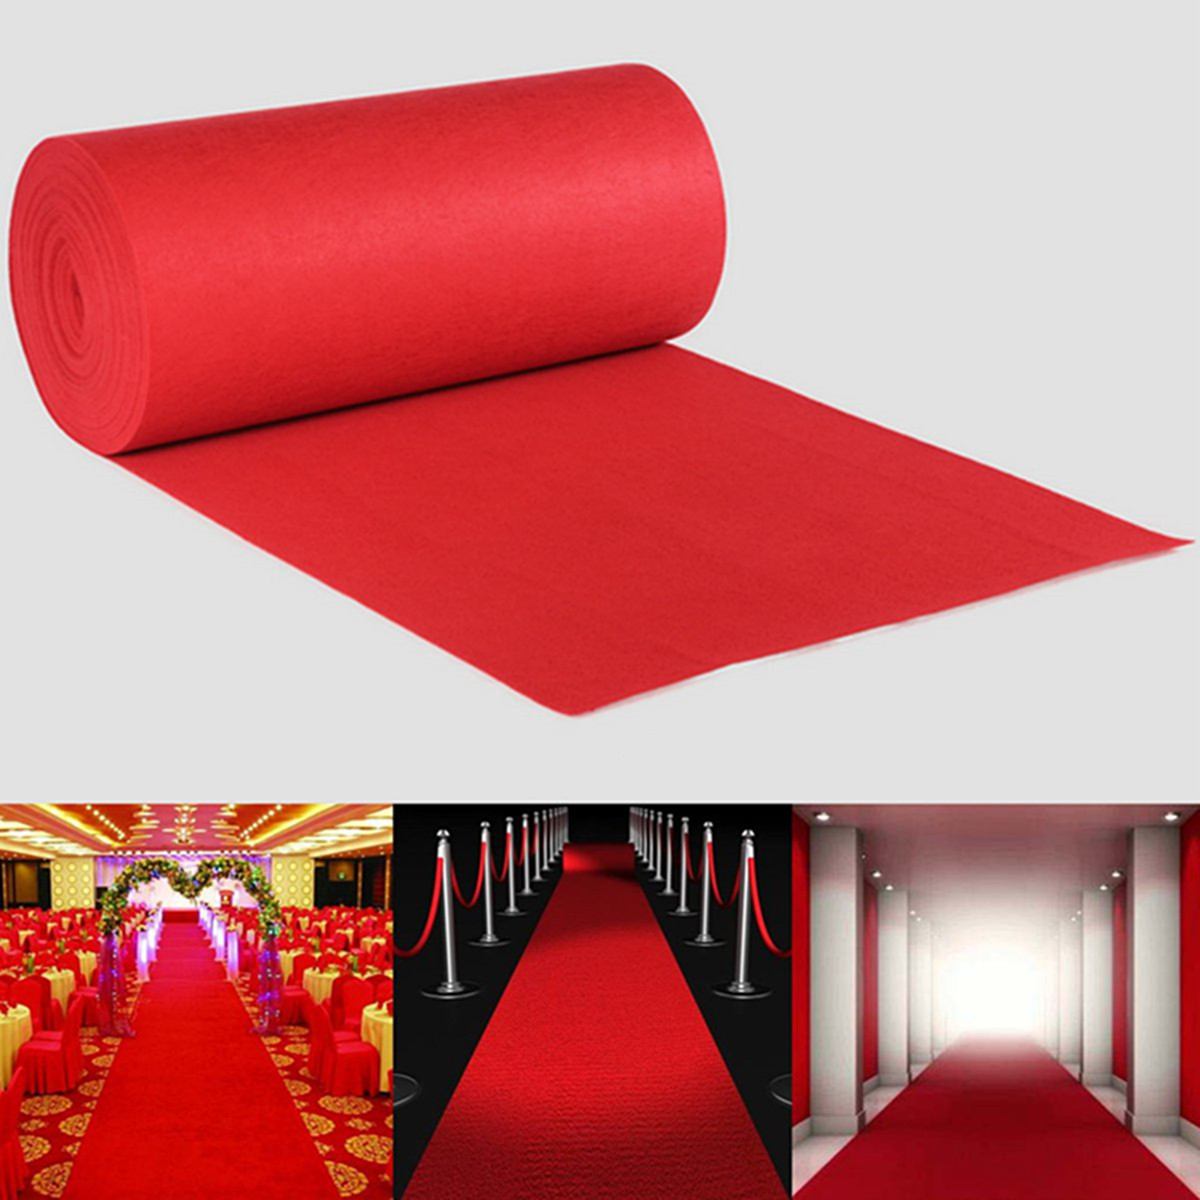 15X1.2 M tapis de coureur de sol allée de mariage Polyester grand tapis rouge tapis Hollywood récompenses événements de fête de mariage événements décoration